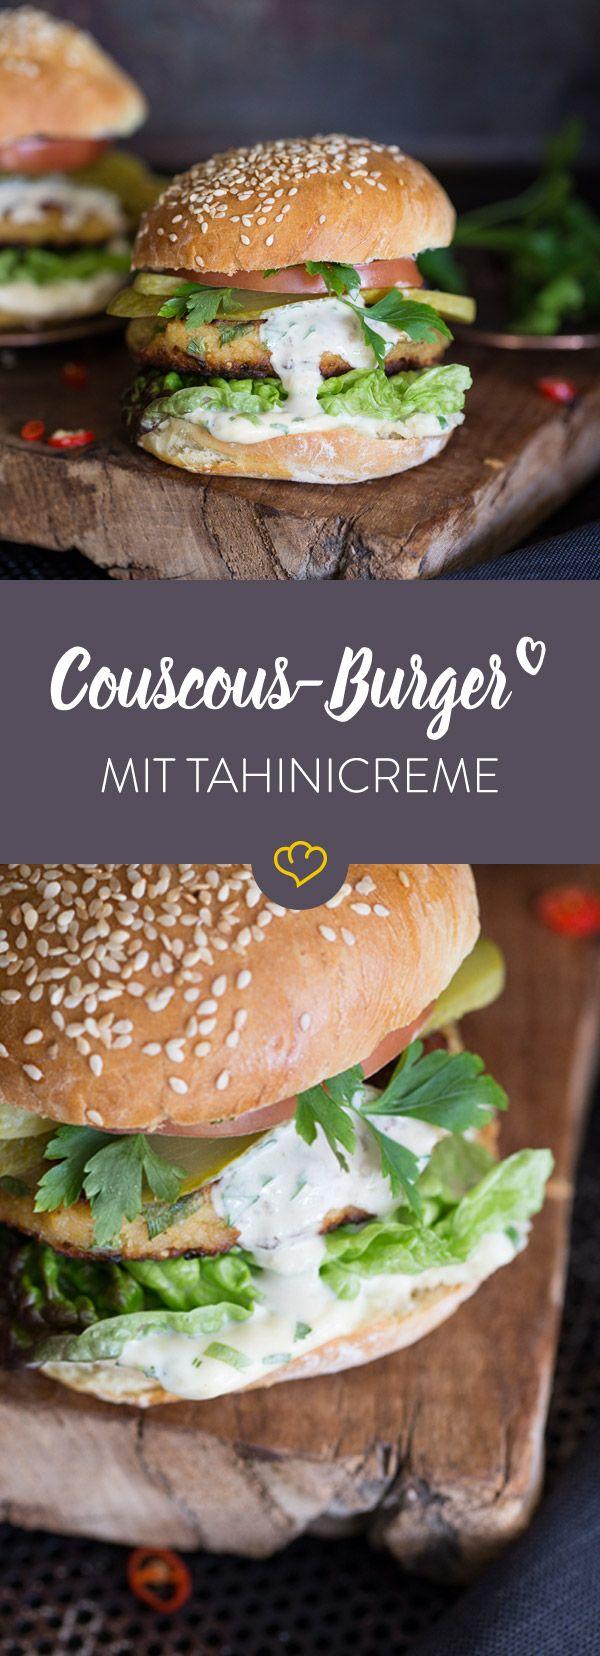 Ein unglaublich fluffiges Burger-Patty aus Couscous, frische Tomate, eingelegte Gurken und Tahinicreme zwischen zwei frisch gebackenen Brötchenhälften.